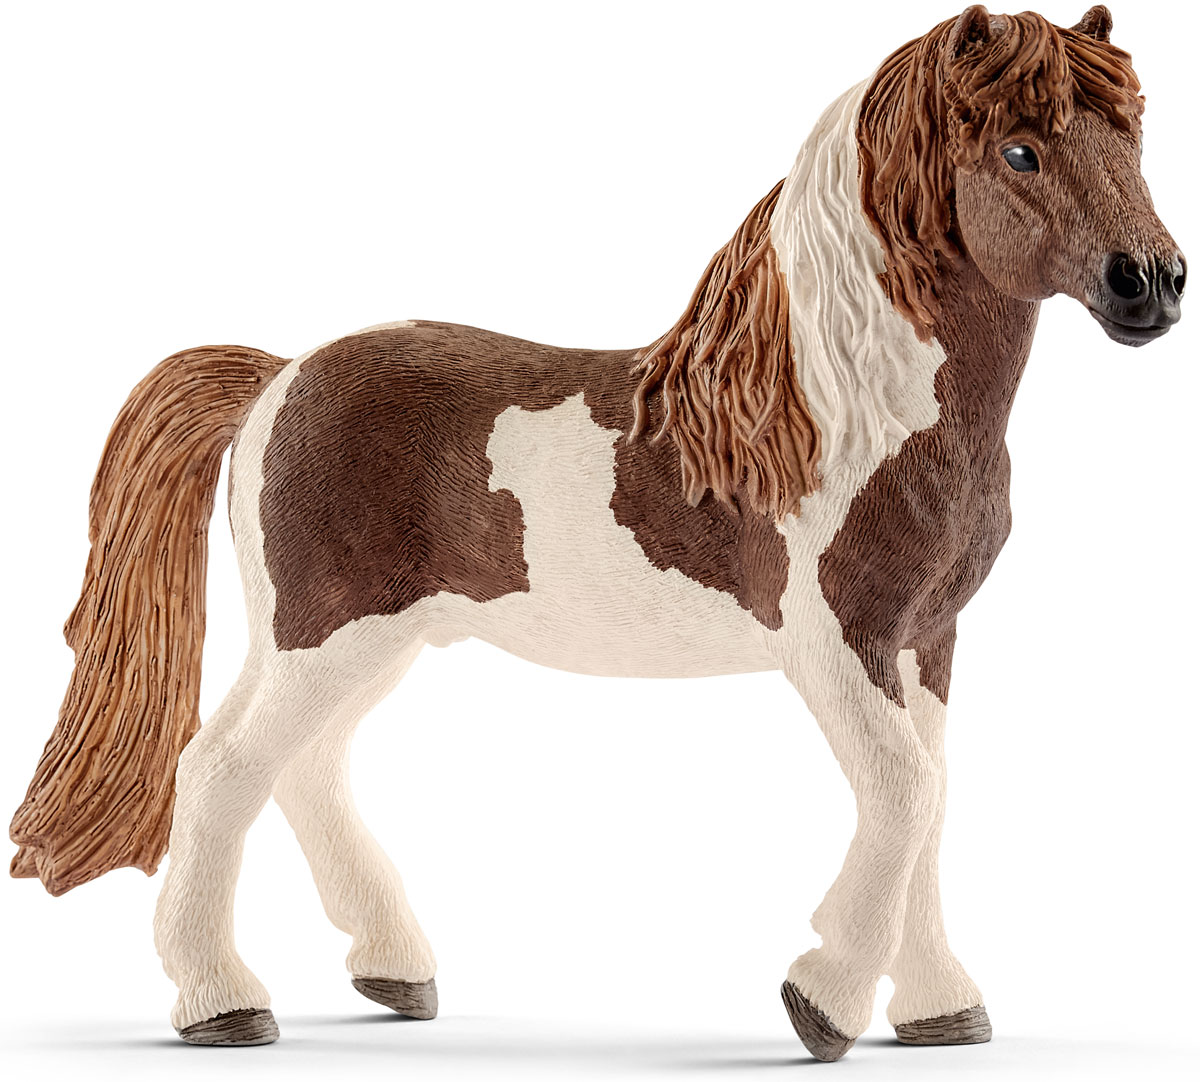 Schleich Фигурка Исландский пони жеребец фигурки игрушки schleich исландский пони